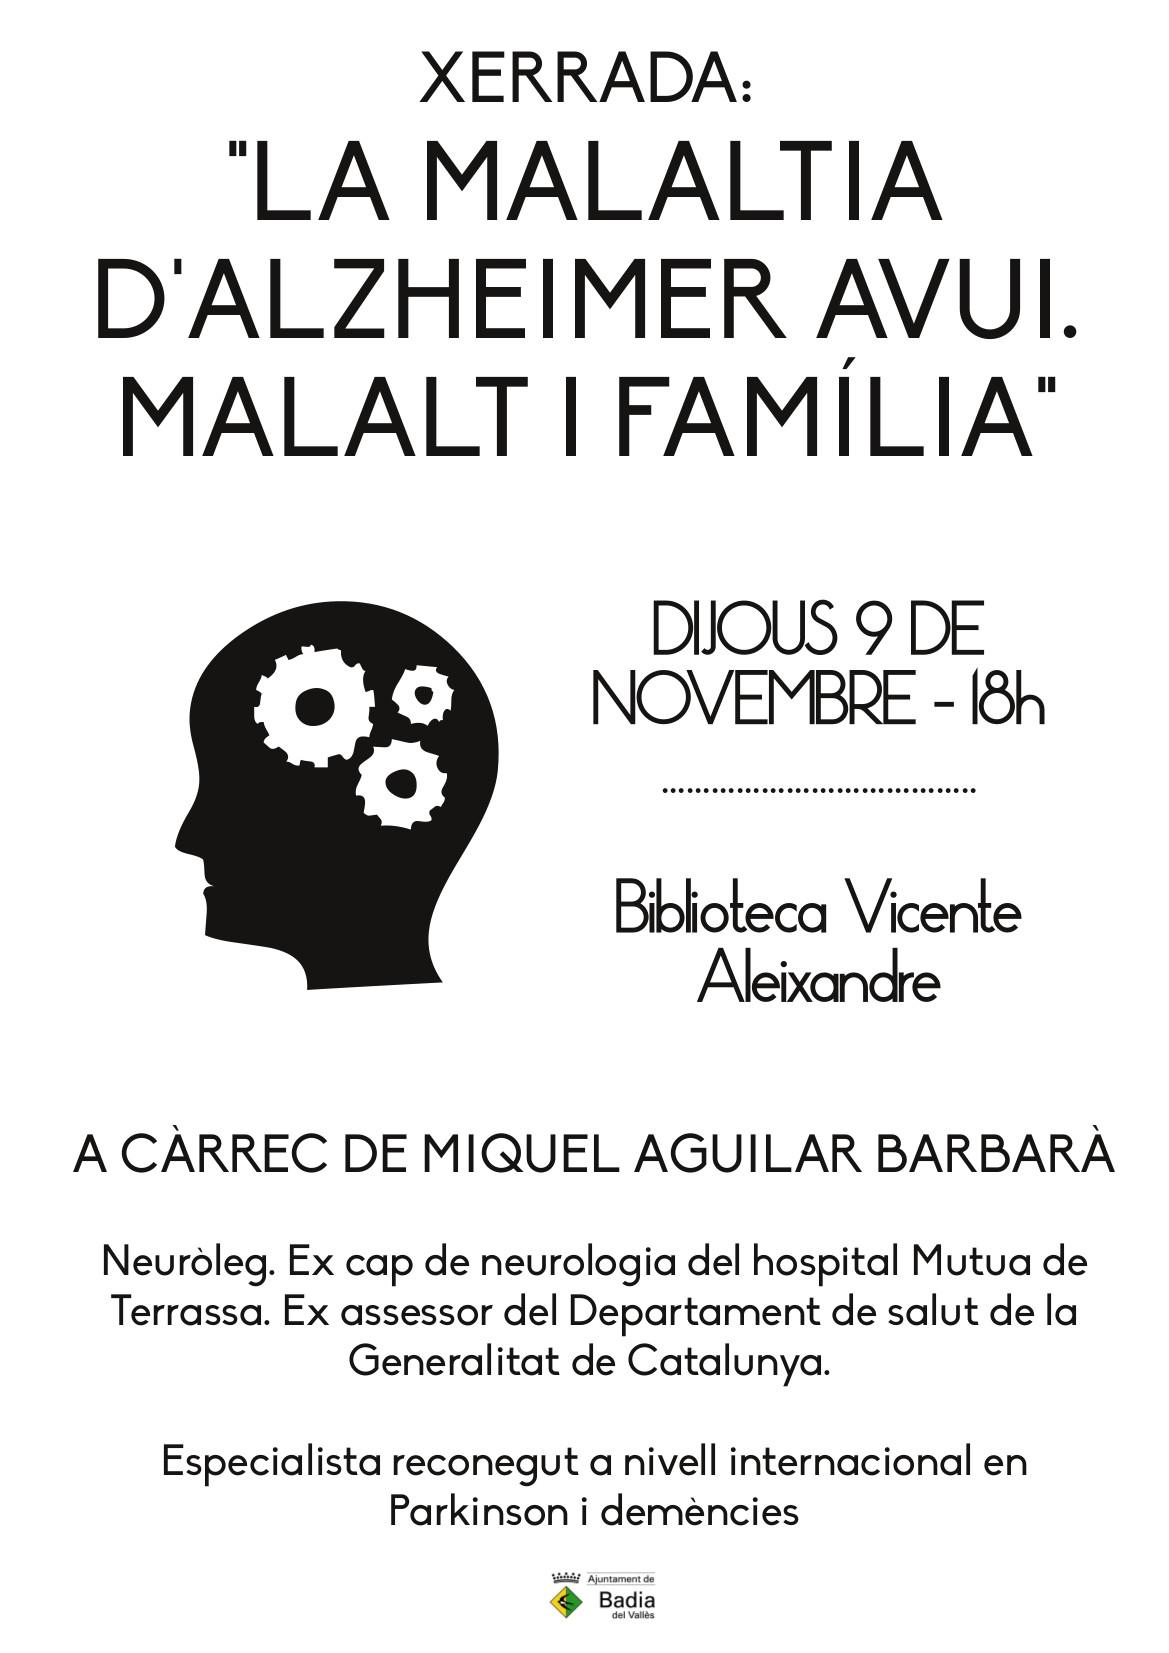 Cartell Xerrada sobre l'Alzheimer